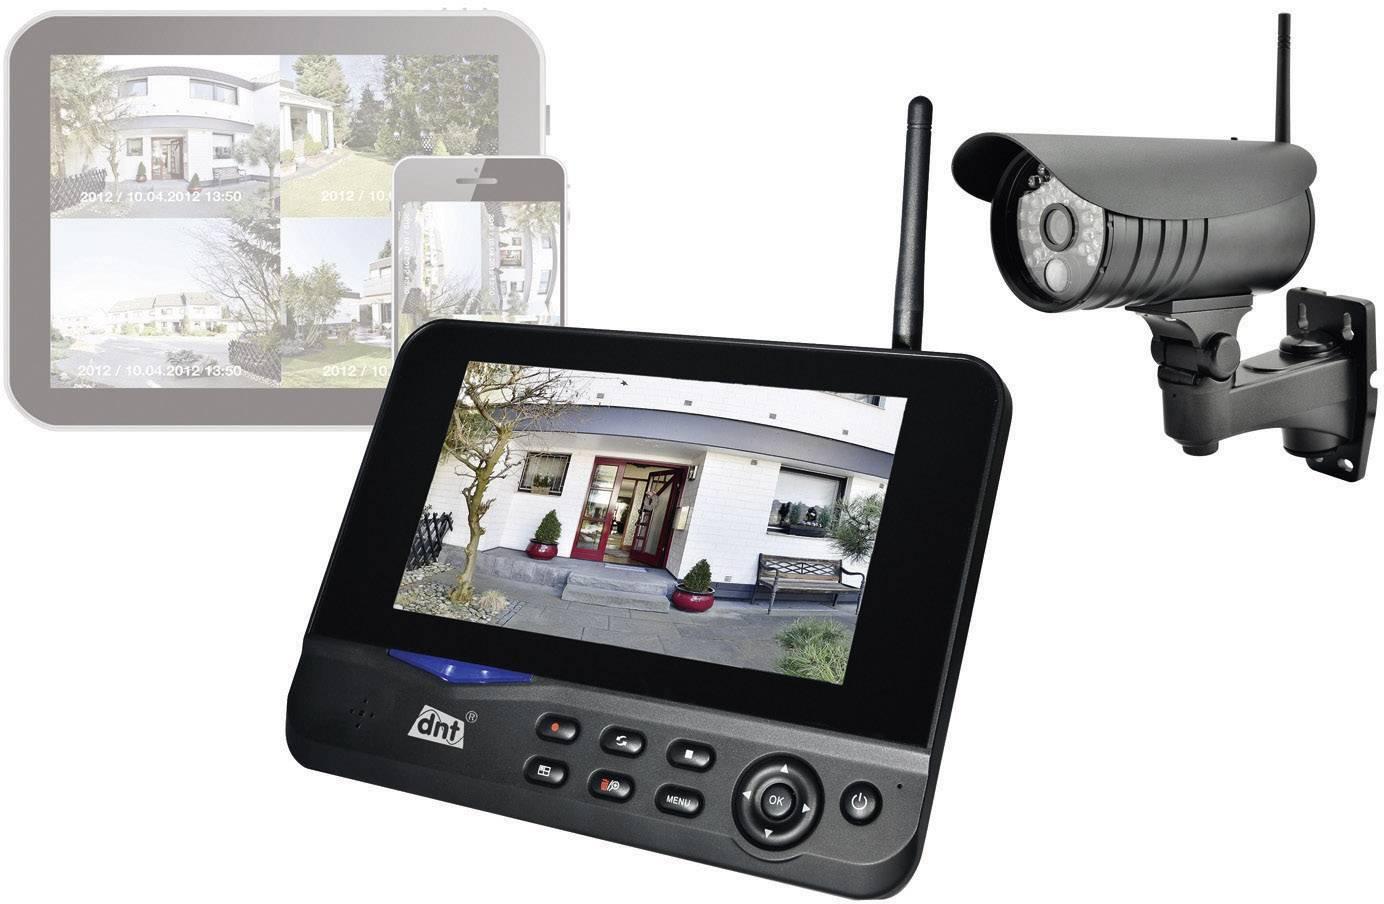 Sada bezpečnostnej kamery dnt QuattSecure IP, 4-kanálová, max. dosah 300 m